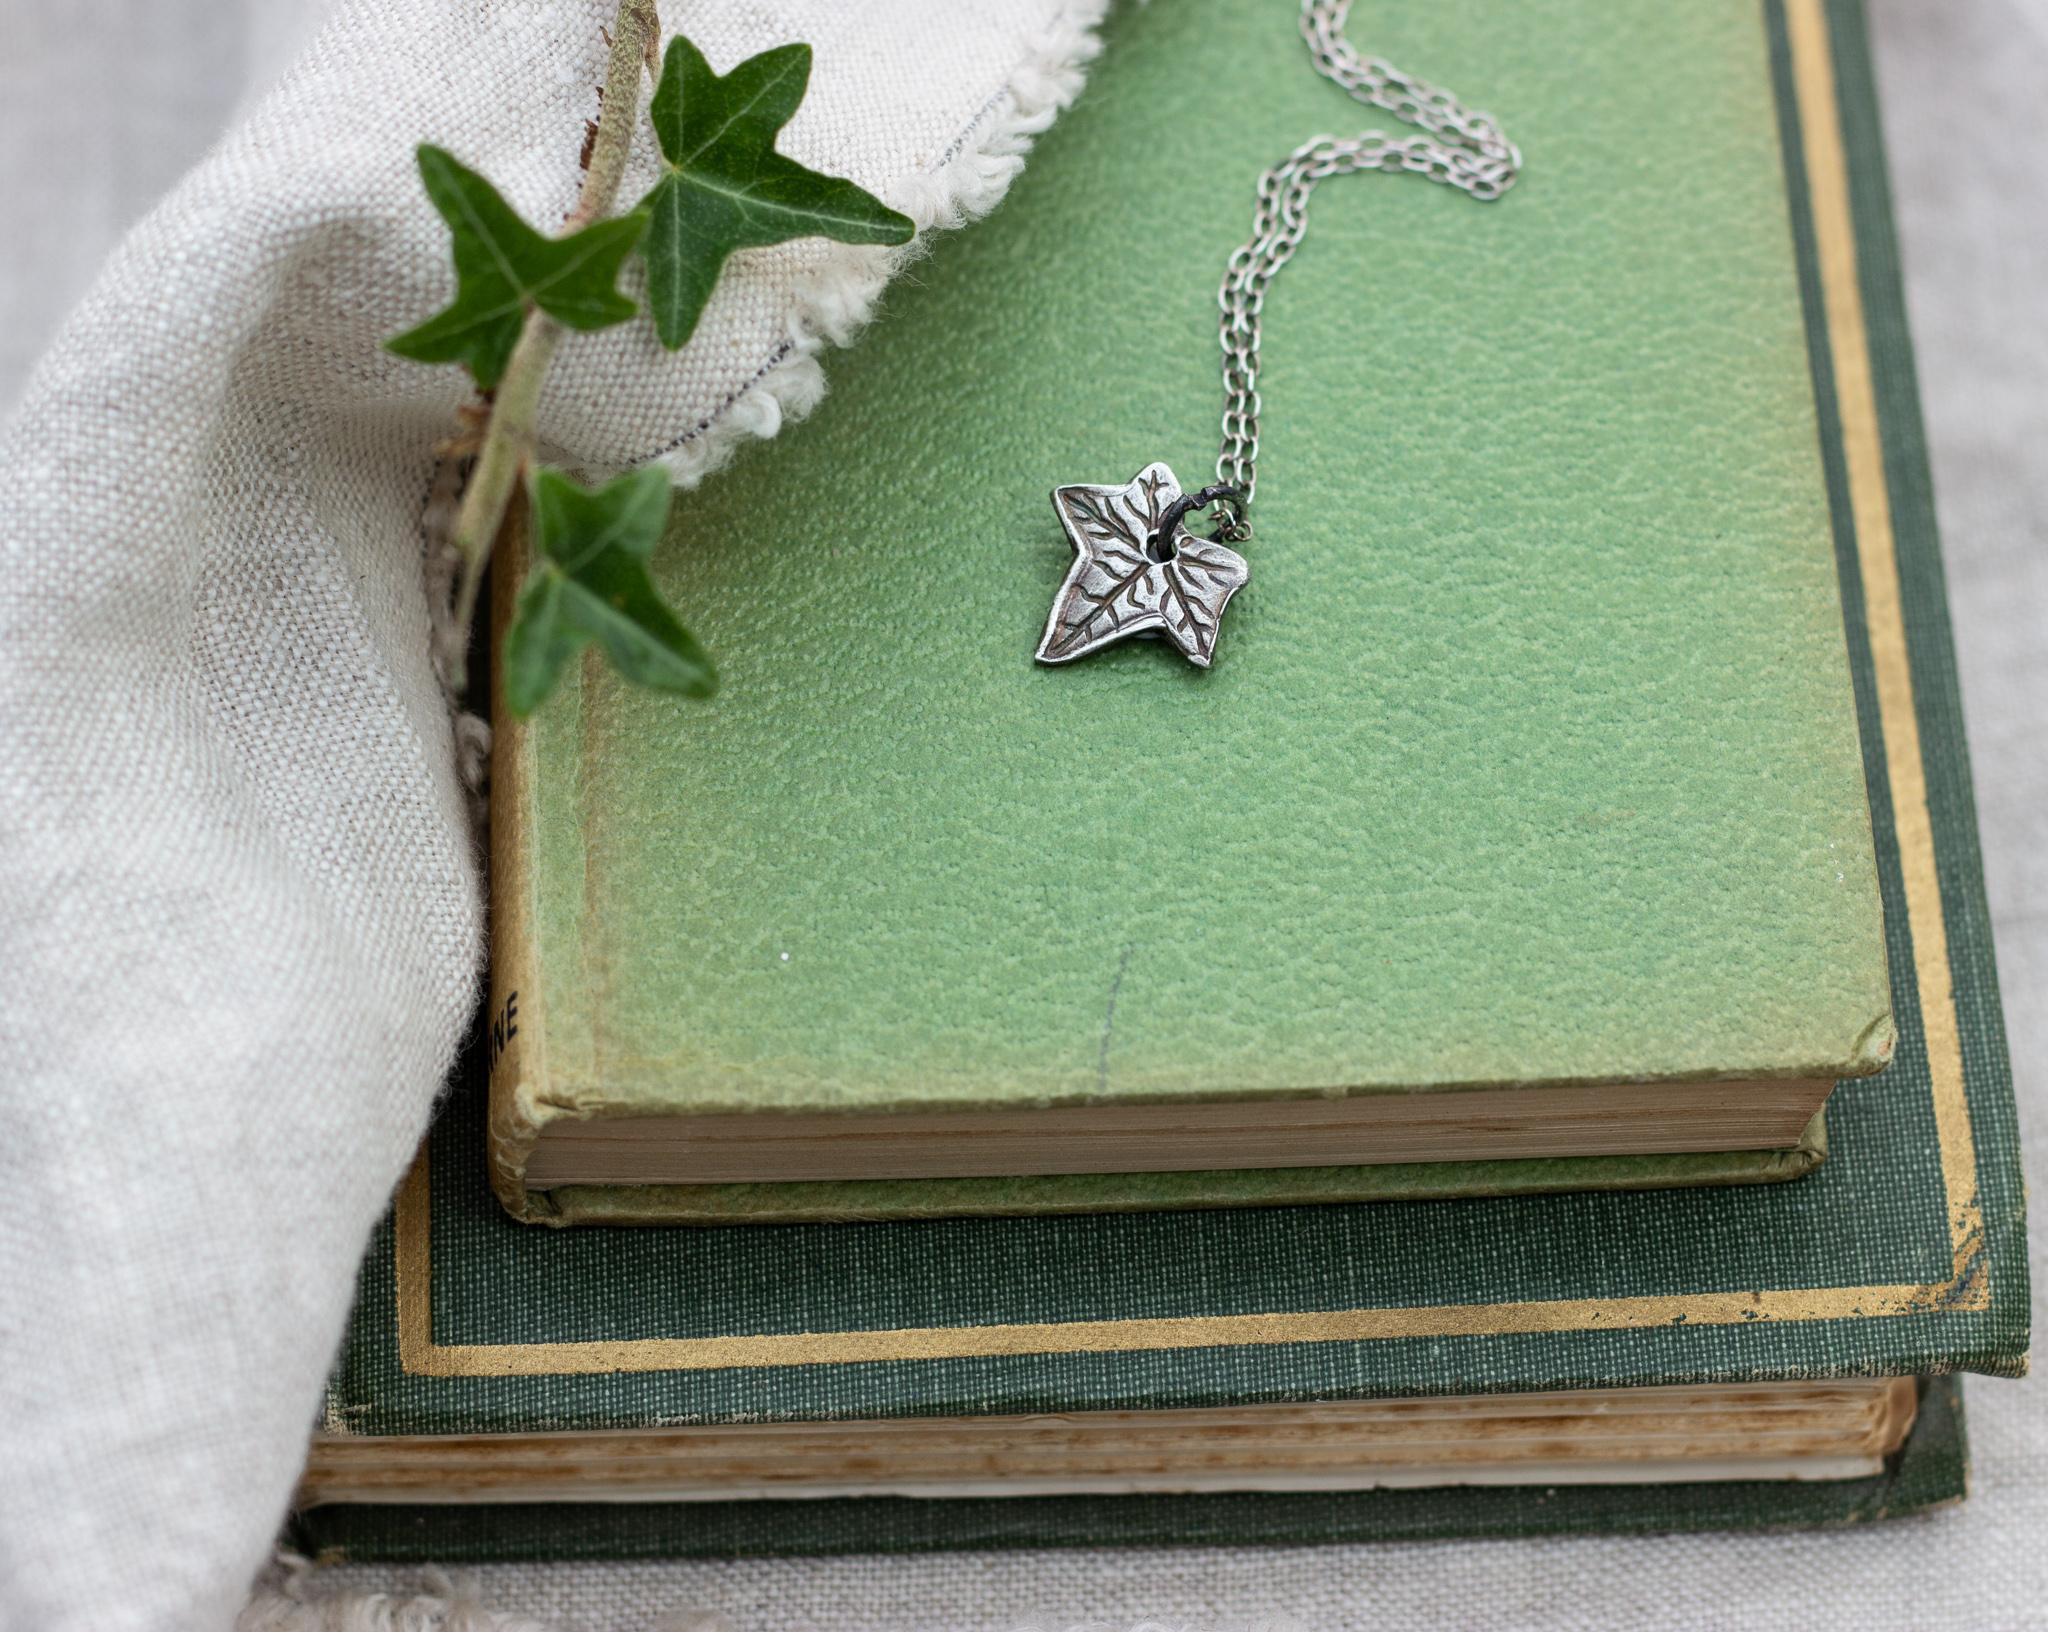 recycled-silver-ivy-leaf-pendant-handmade-jewellery-oxidised-5